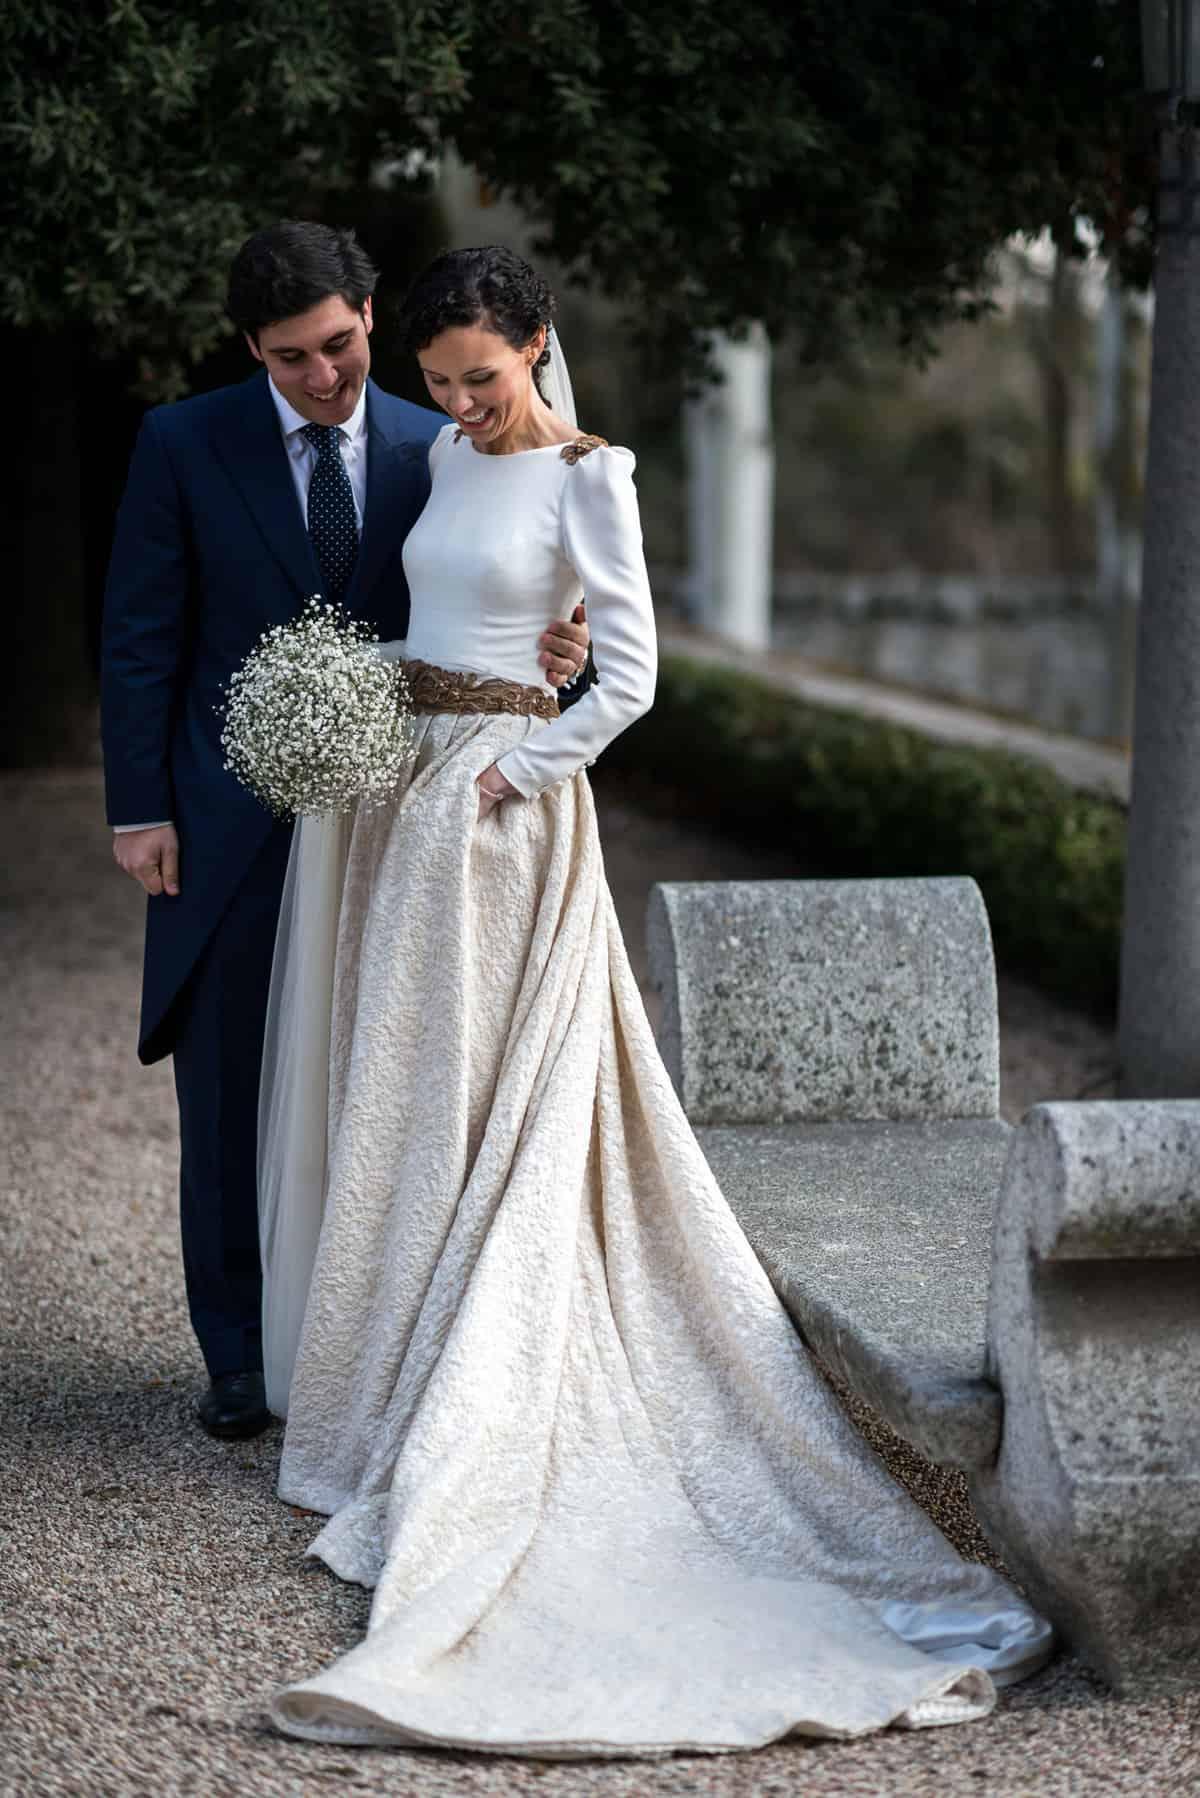 bde43b710 La novia de la falda adamascada - Las bodas de Tatín